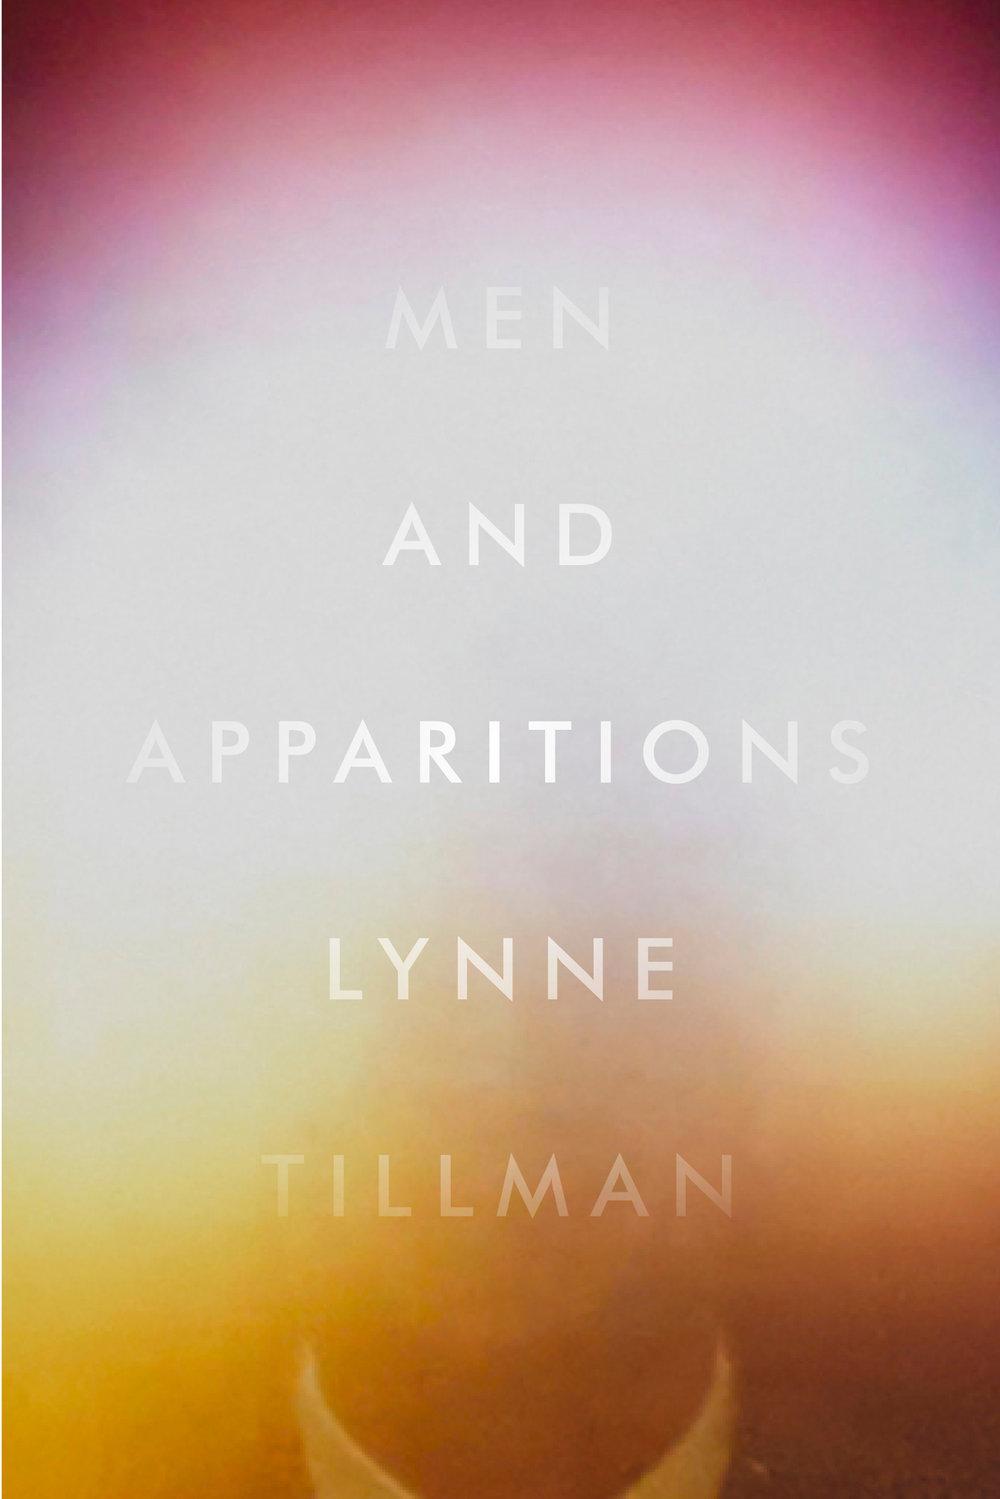 Tillman, Lynne MEN AND APPARITIONS.jpg